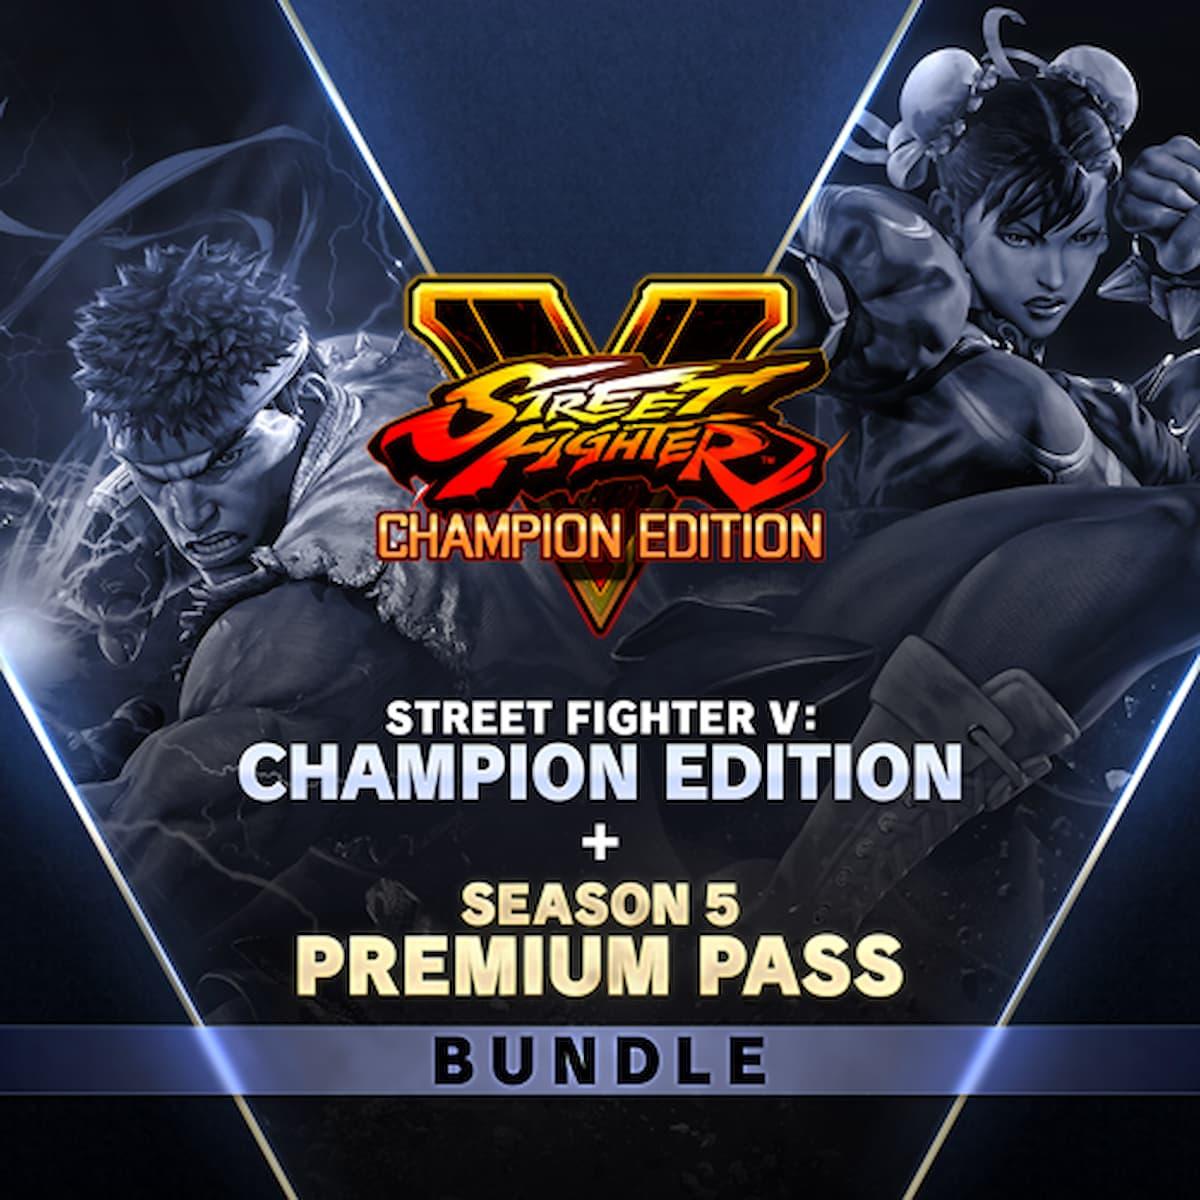 STREET FIGHTER V - チャンピオンエディション + シーズン 5 プレミアムパス バンドル